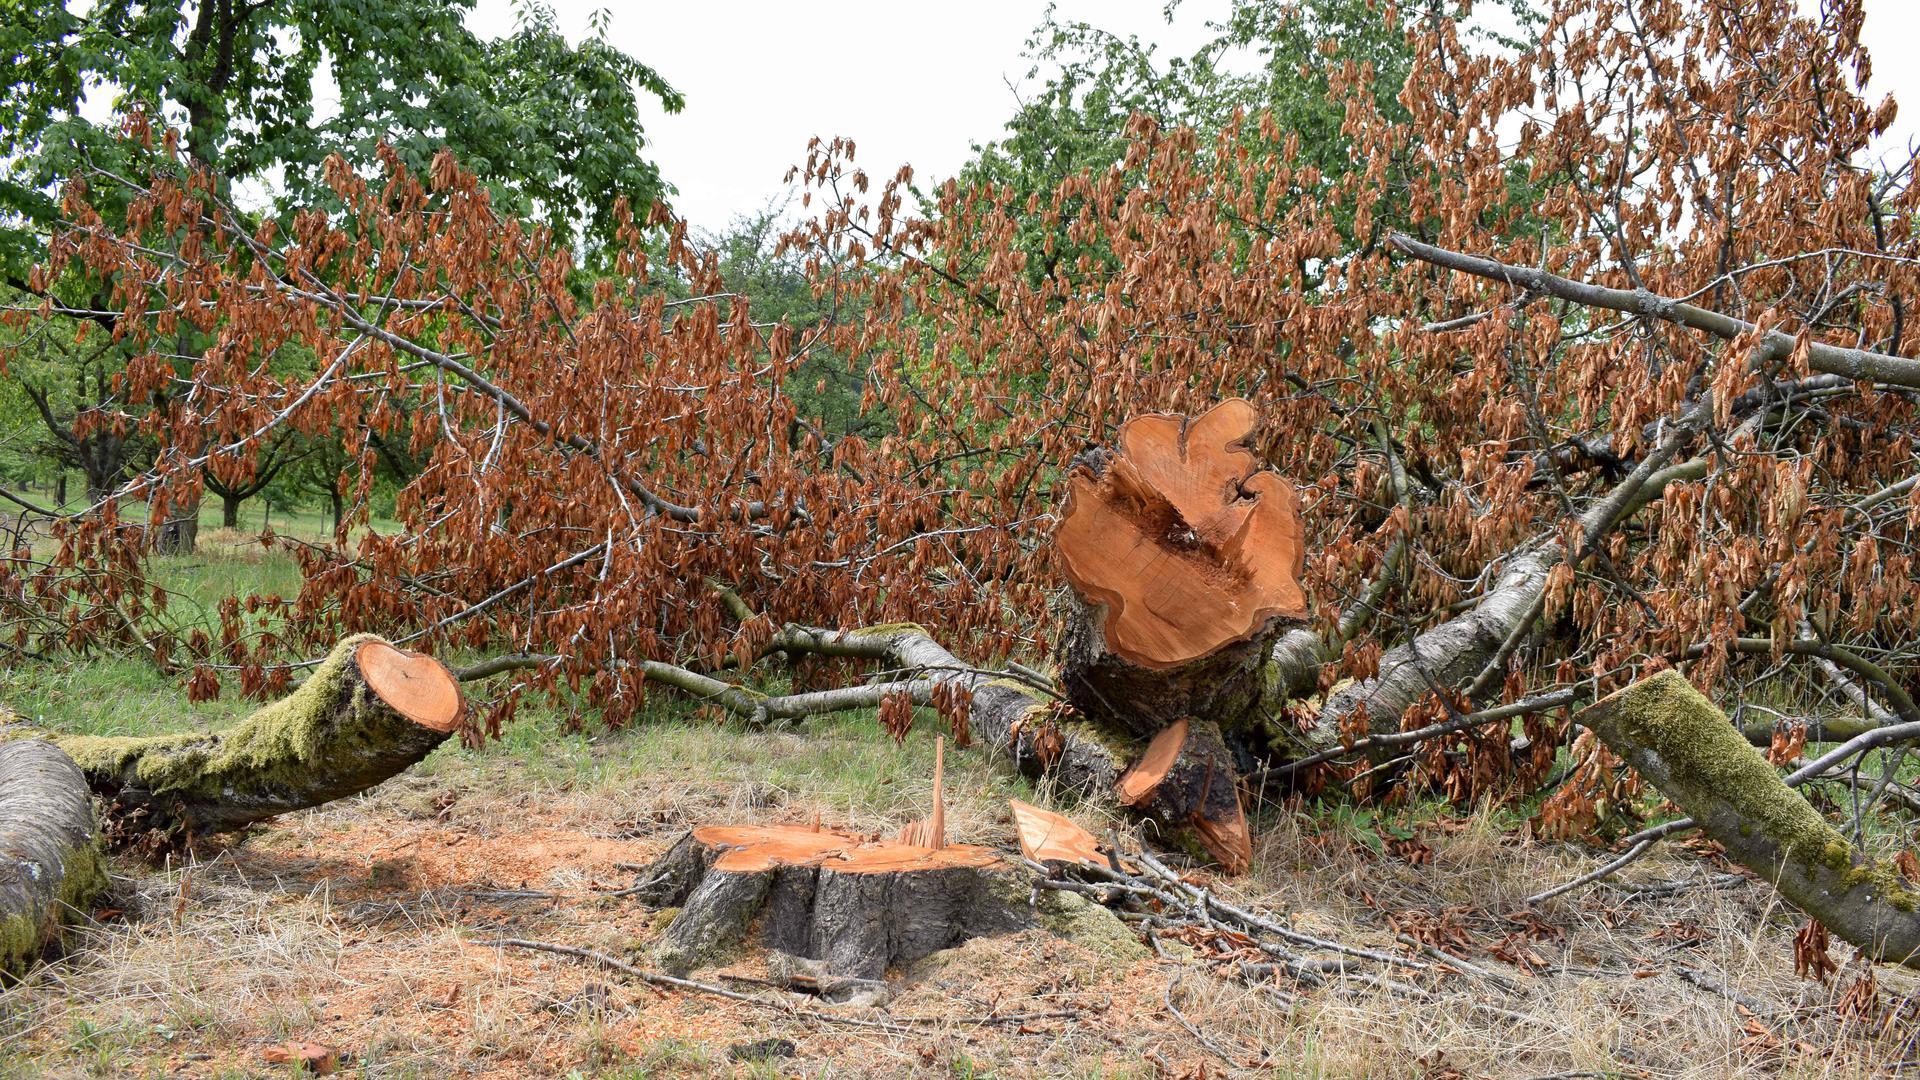 Kranke oder abgestorbene Obstbäume werden teilweise jetzt schon gefällt, damit im Herbst neue gepflanzt werden können.